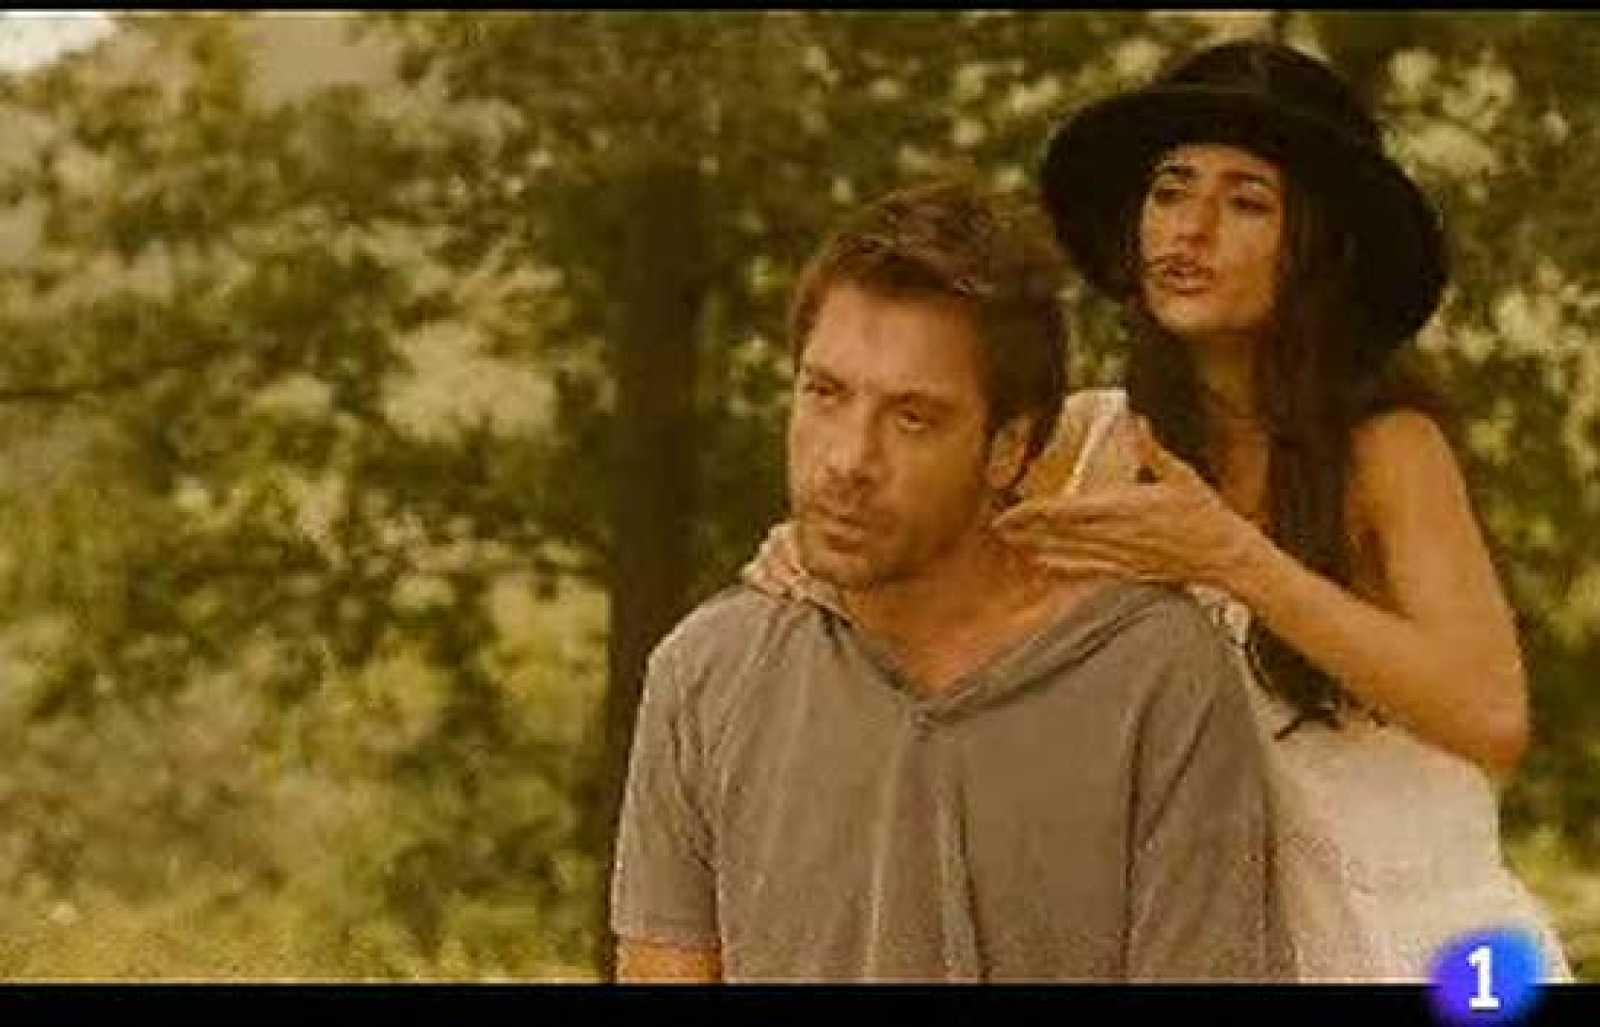 La actriz Penélope Cruz sigue cosechando éxitos en EE.UU por su papel en Vicky Cristina Barcelona de Woody Allen.